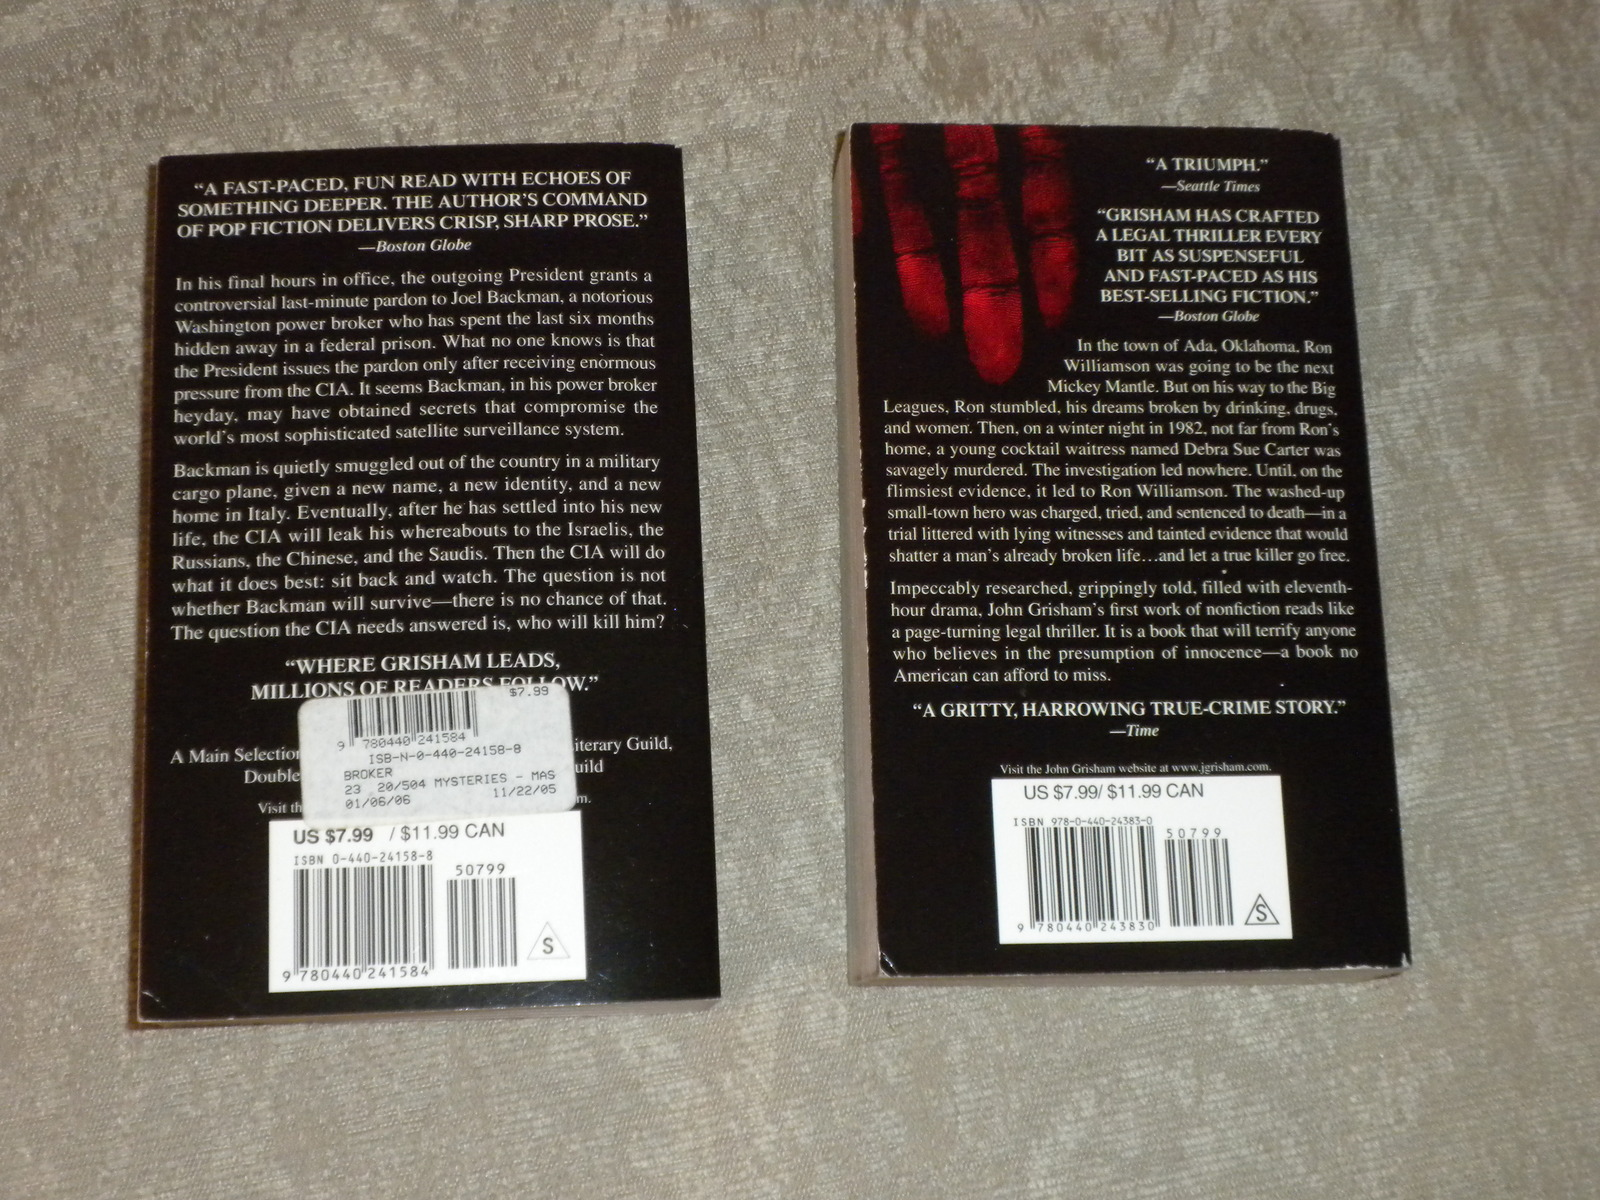 Lot of 2 John Grisham p'rbacks: The Broker 1st 2005 VG++ & Innocent man 2007 VG